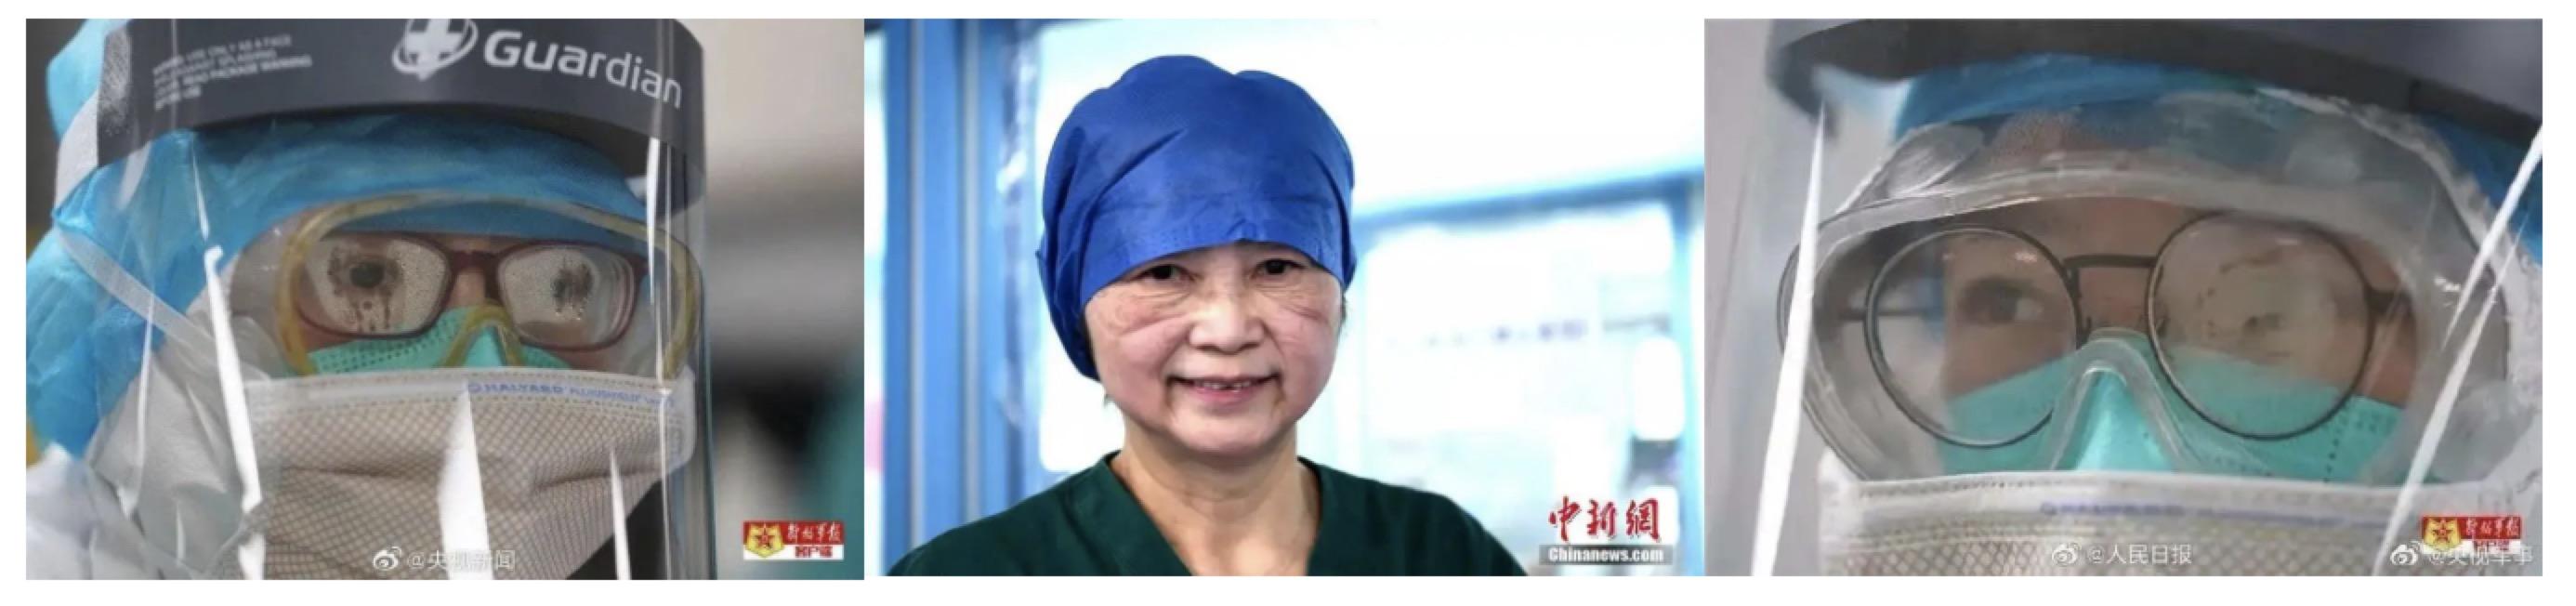 「为援」星辰行动丨潍坊眼科医院为援鄂医护及家人提供免费医疗服务